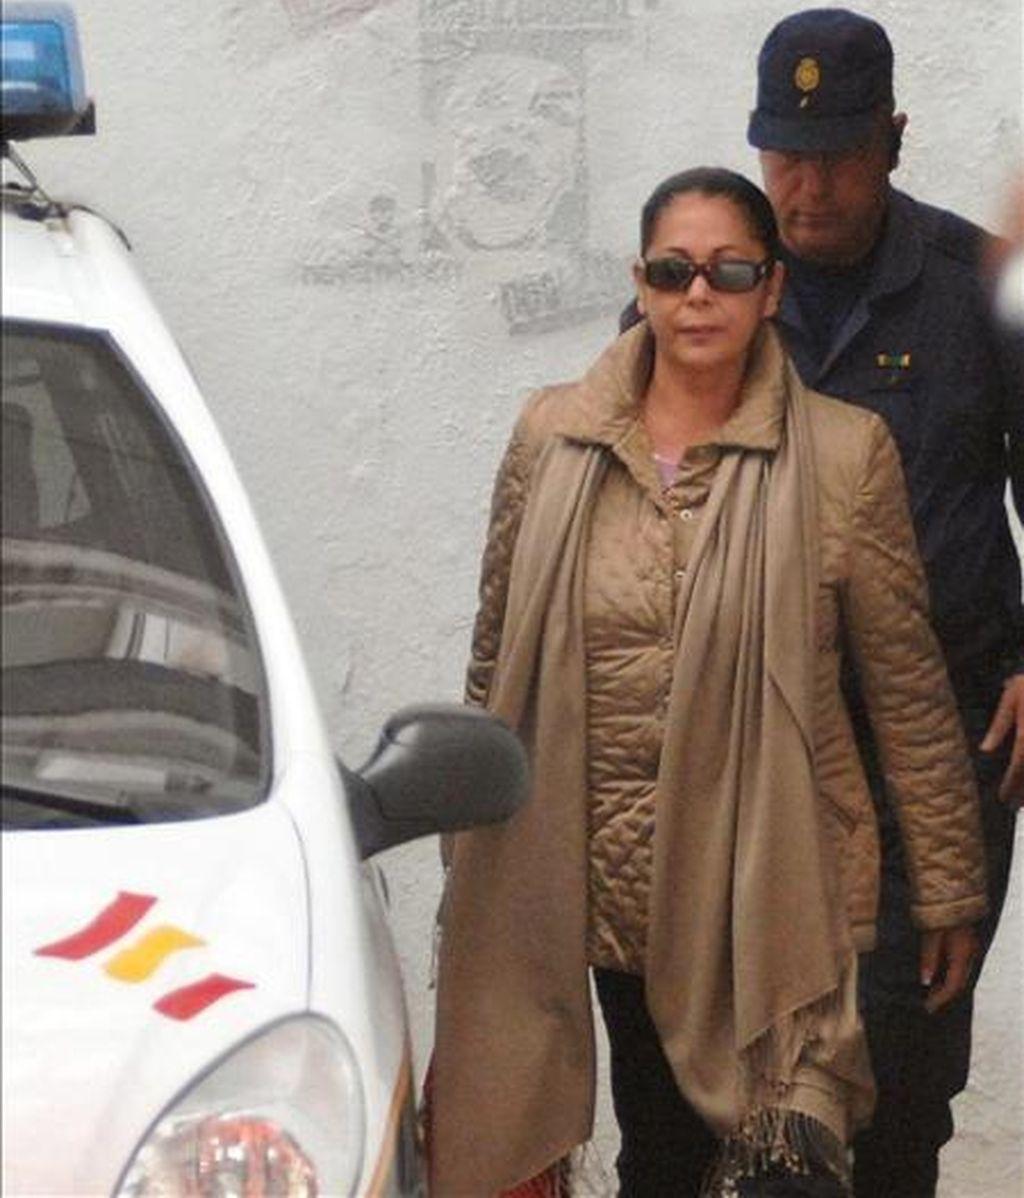 Imagen de archivo del año 2007 de la tonadillera Isabel Pantoja a la salida de los juzgados de Marbella. EFE/Archivo